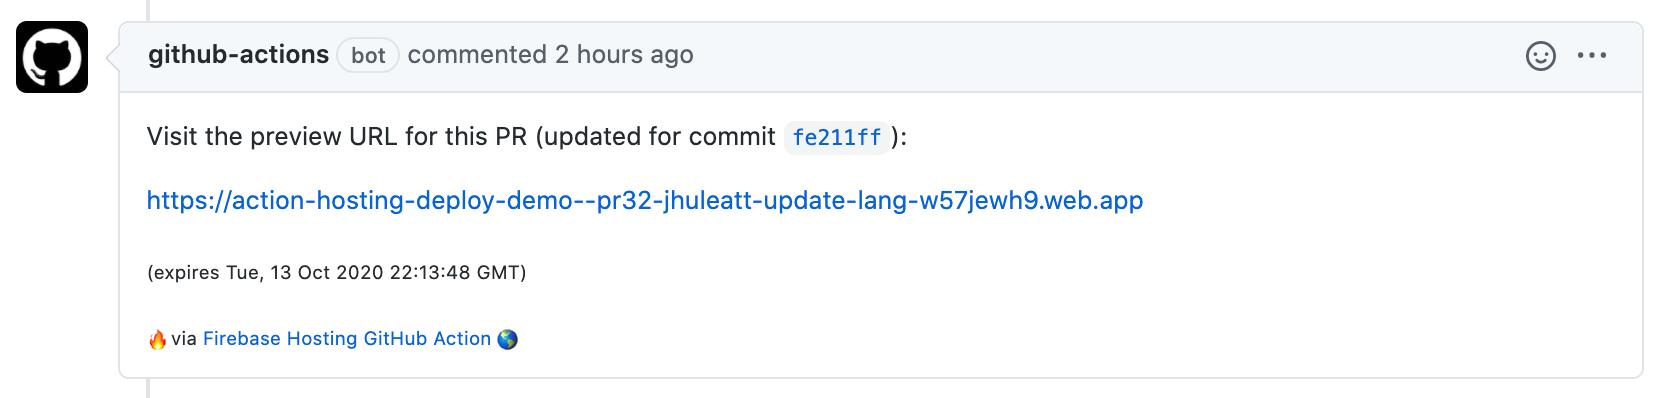 изображение PR-комментария GitHub Action с URL-адресом предварительного просмотра